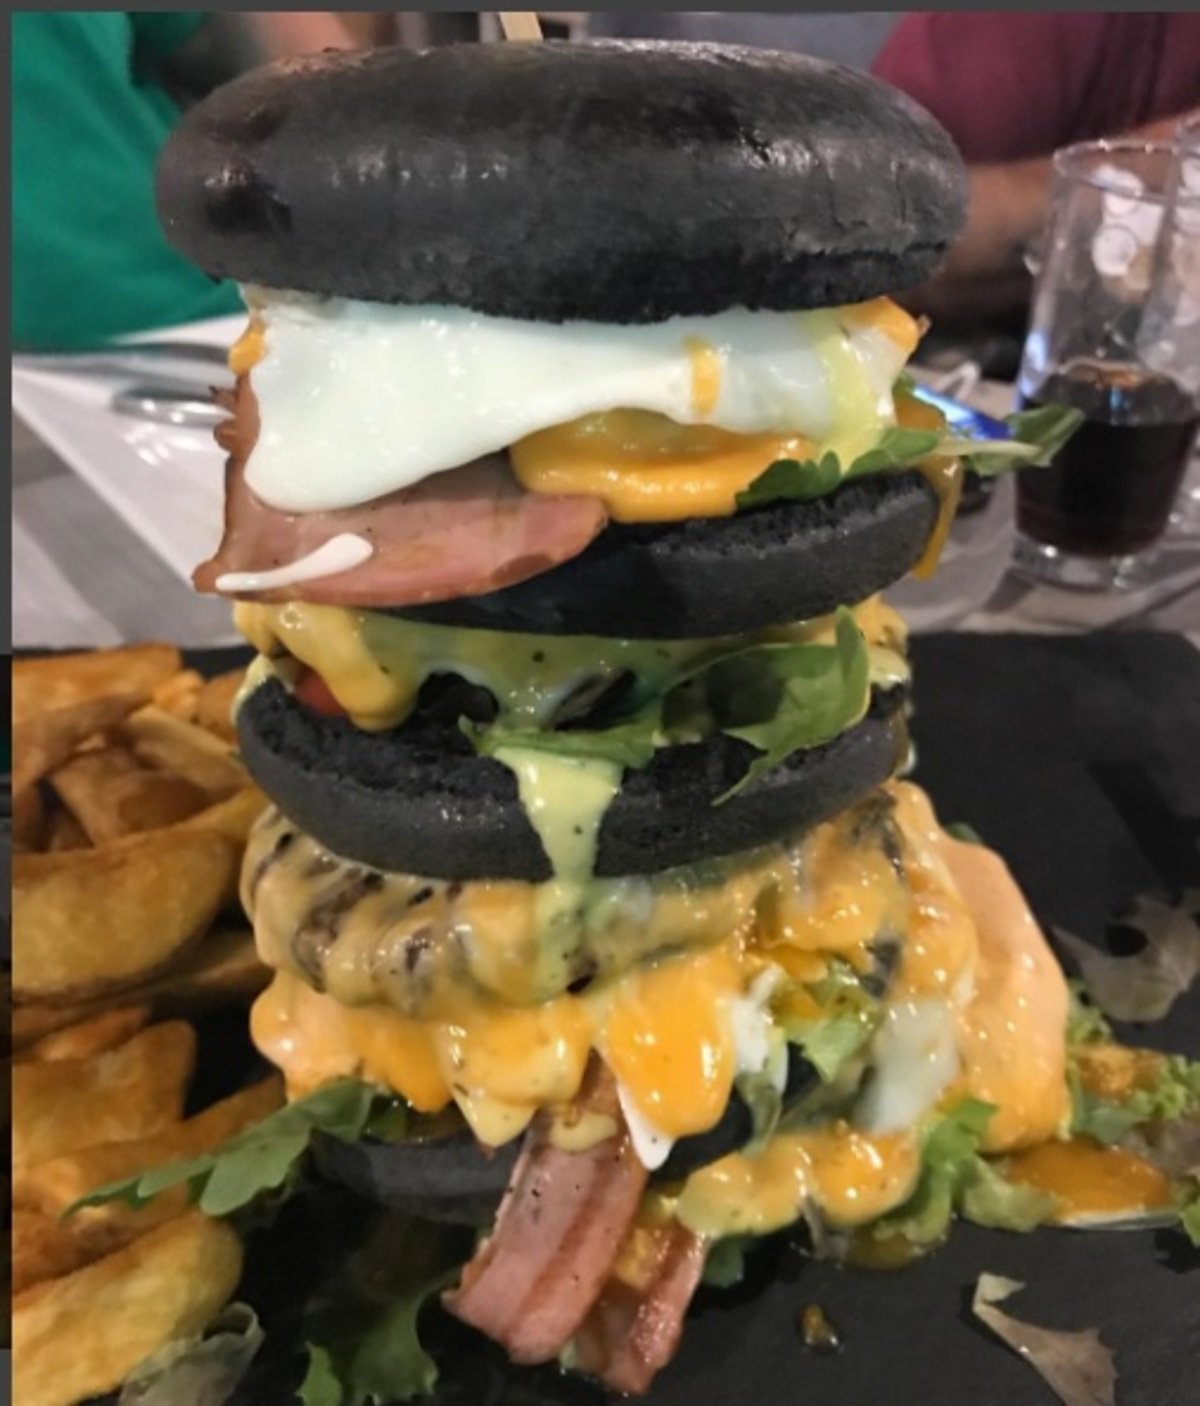 Μην… τρομάξετε! Αυτό το burger υπάρχει και το… έφαγε Έλληνας τραγουδιστής! | Newsit.gr